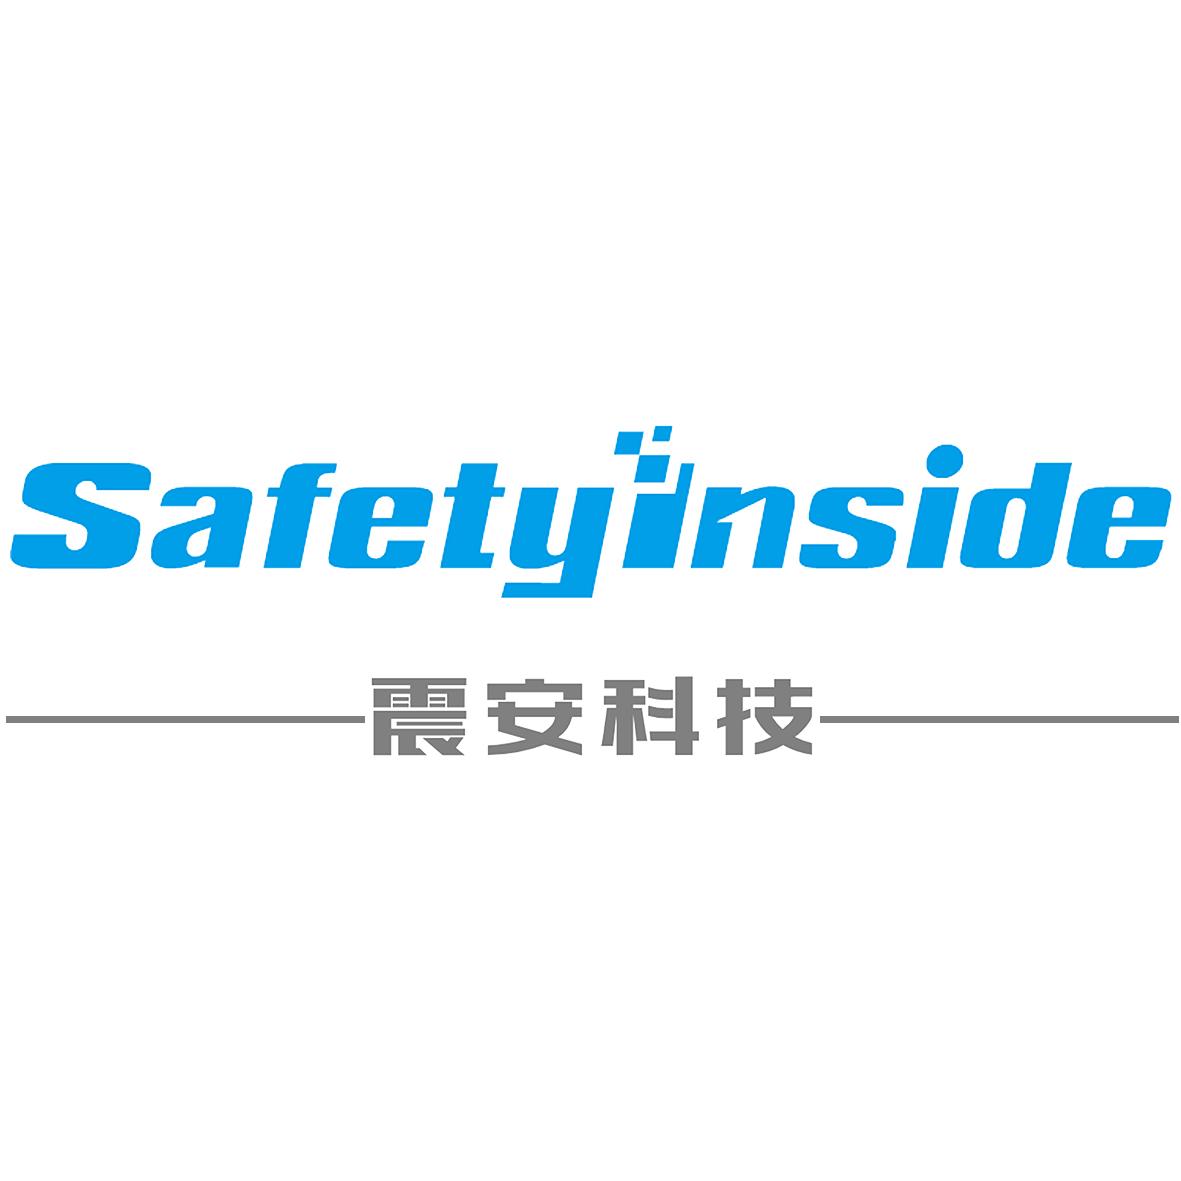 震安科技股份有限公司